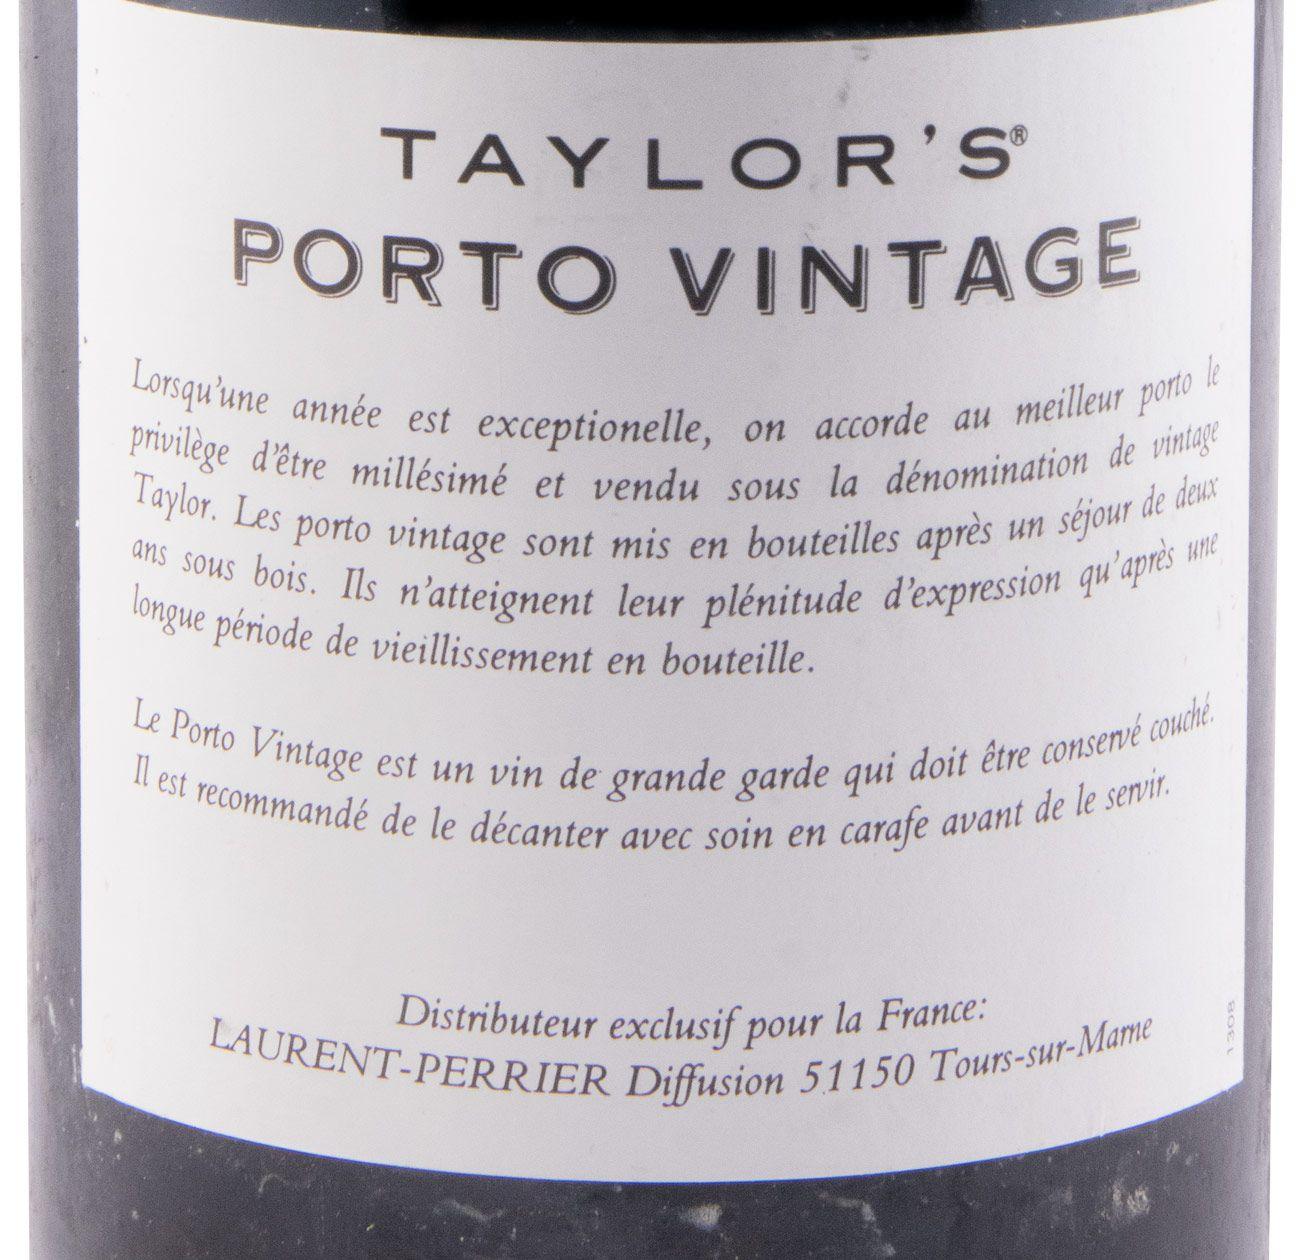 1994 Taylor's Vintage Porto